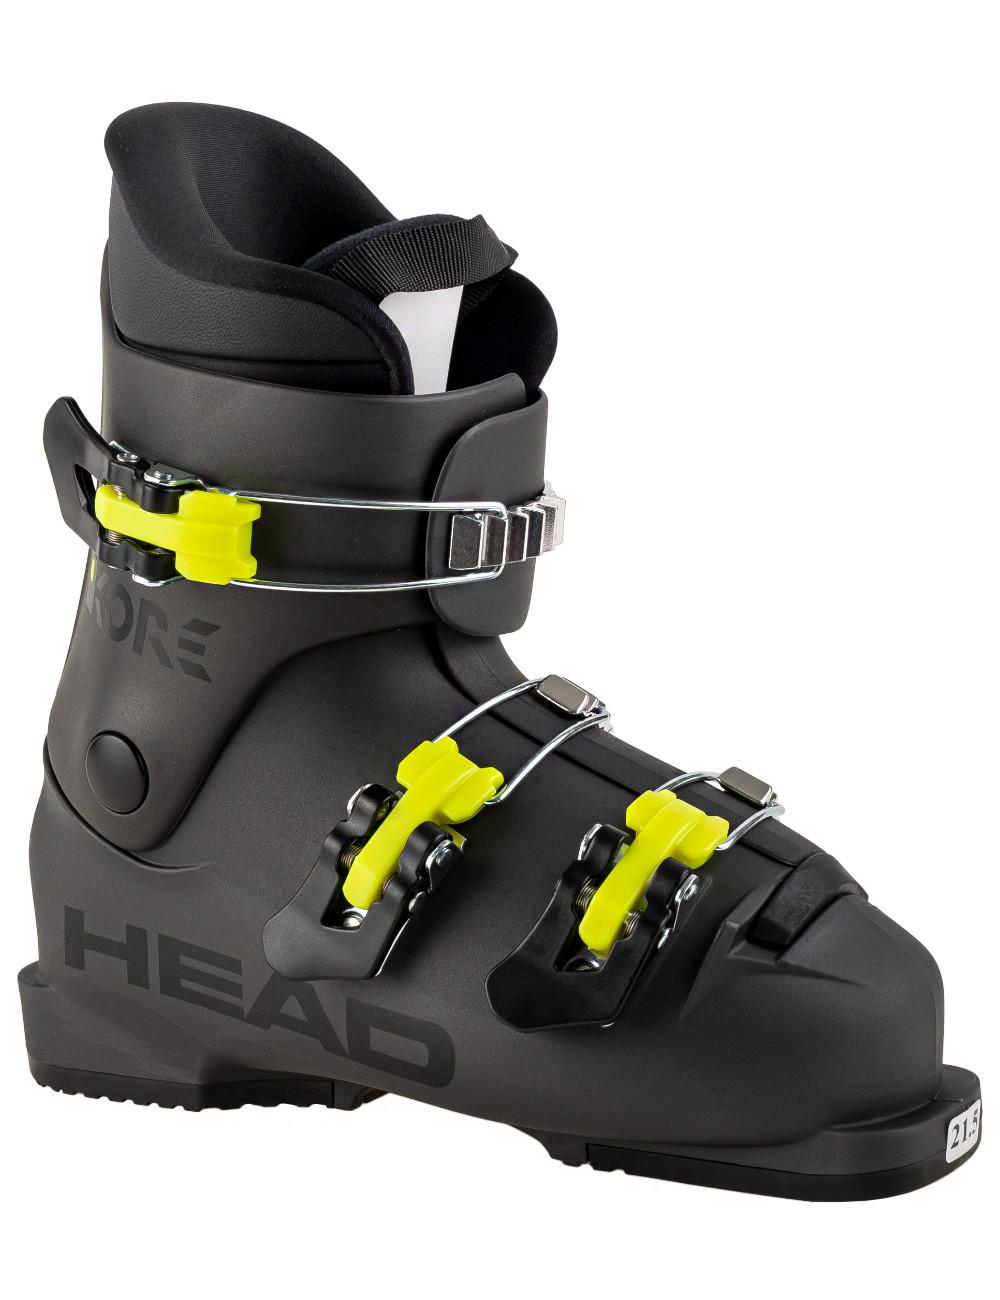 Buty narciarskie juniorskie Head KORE 40